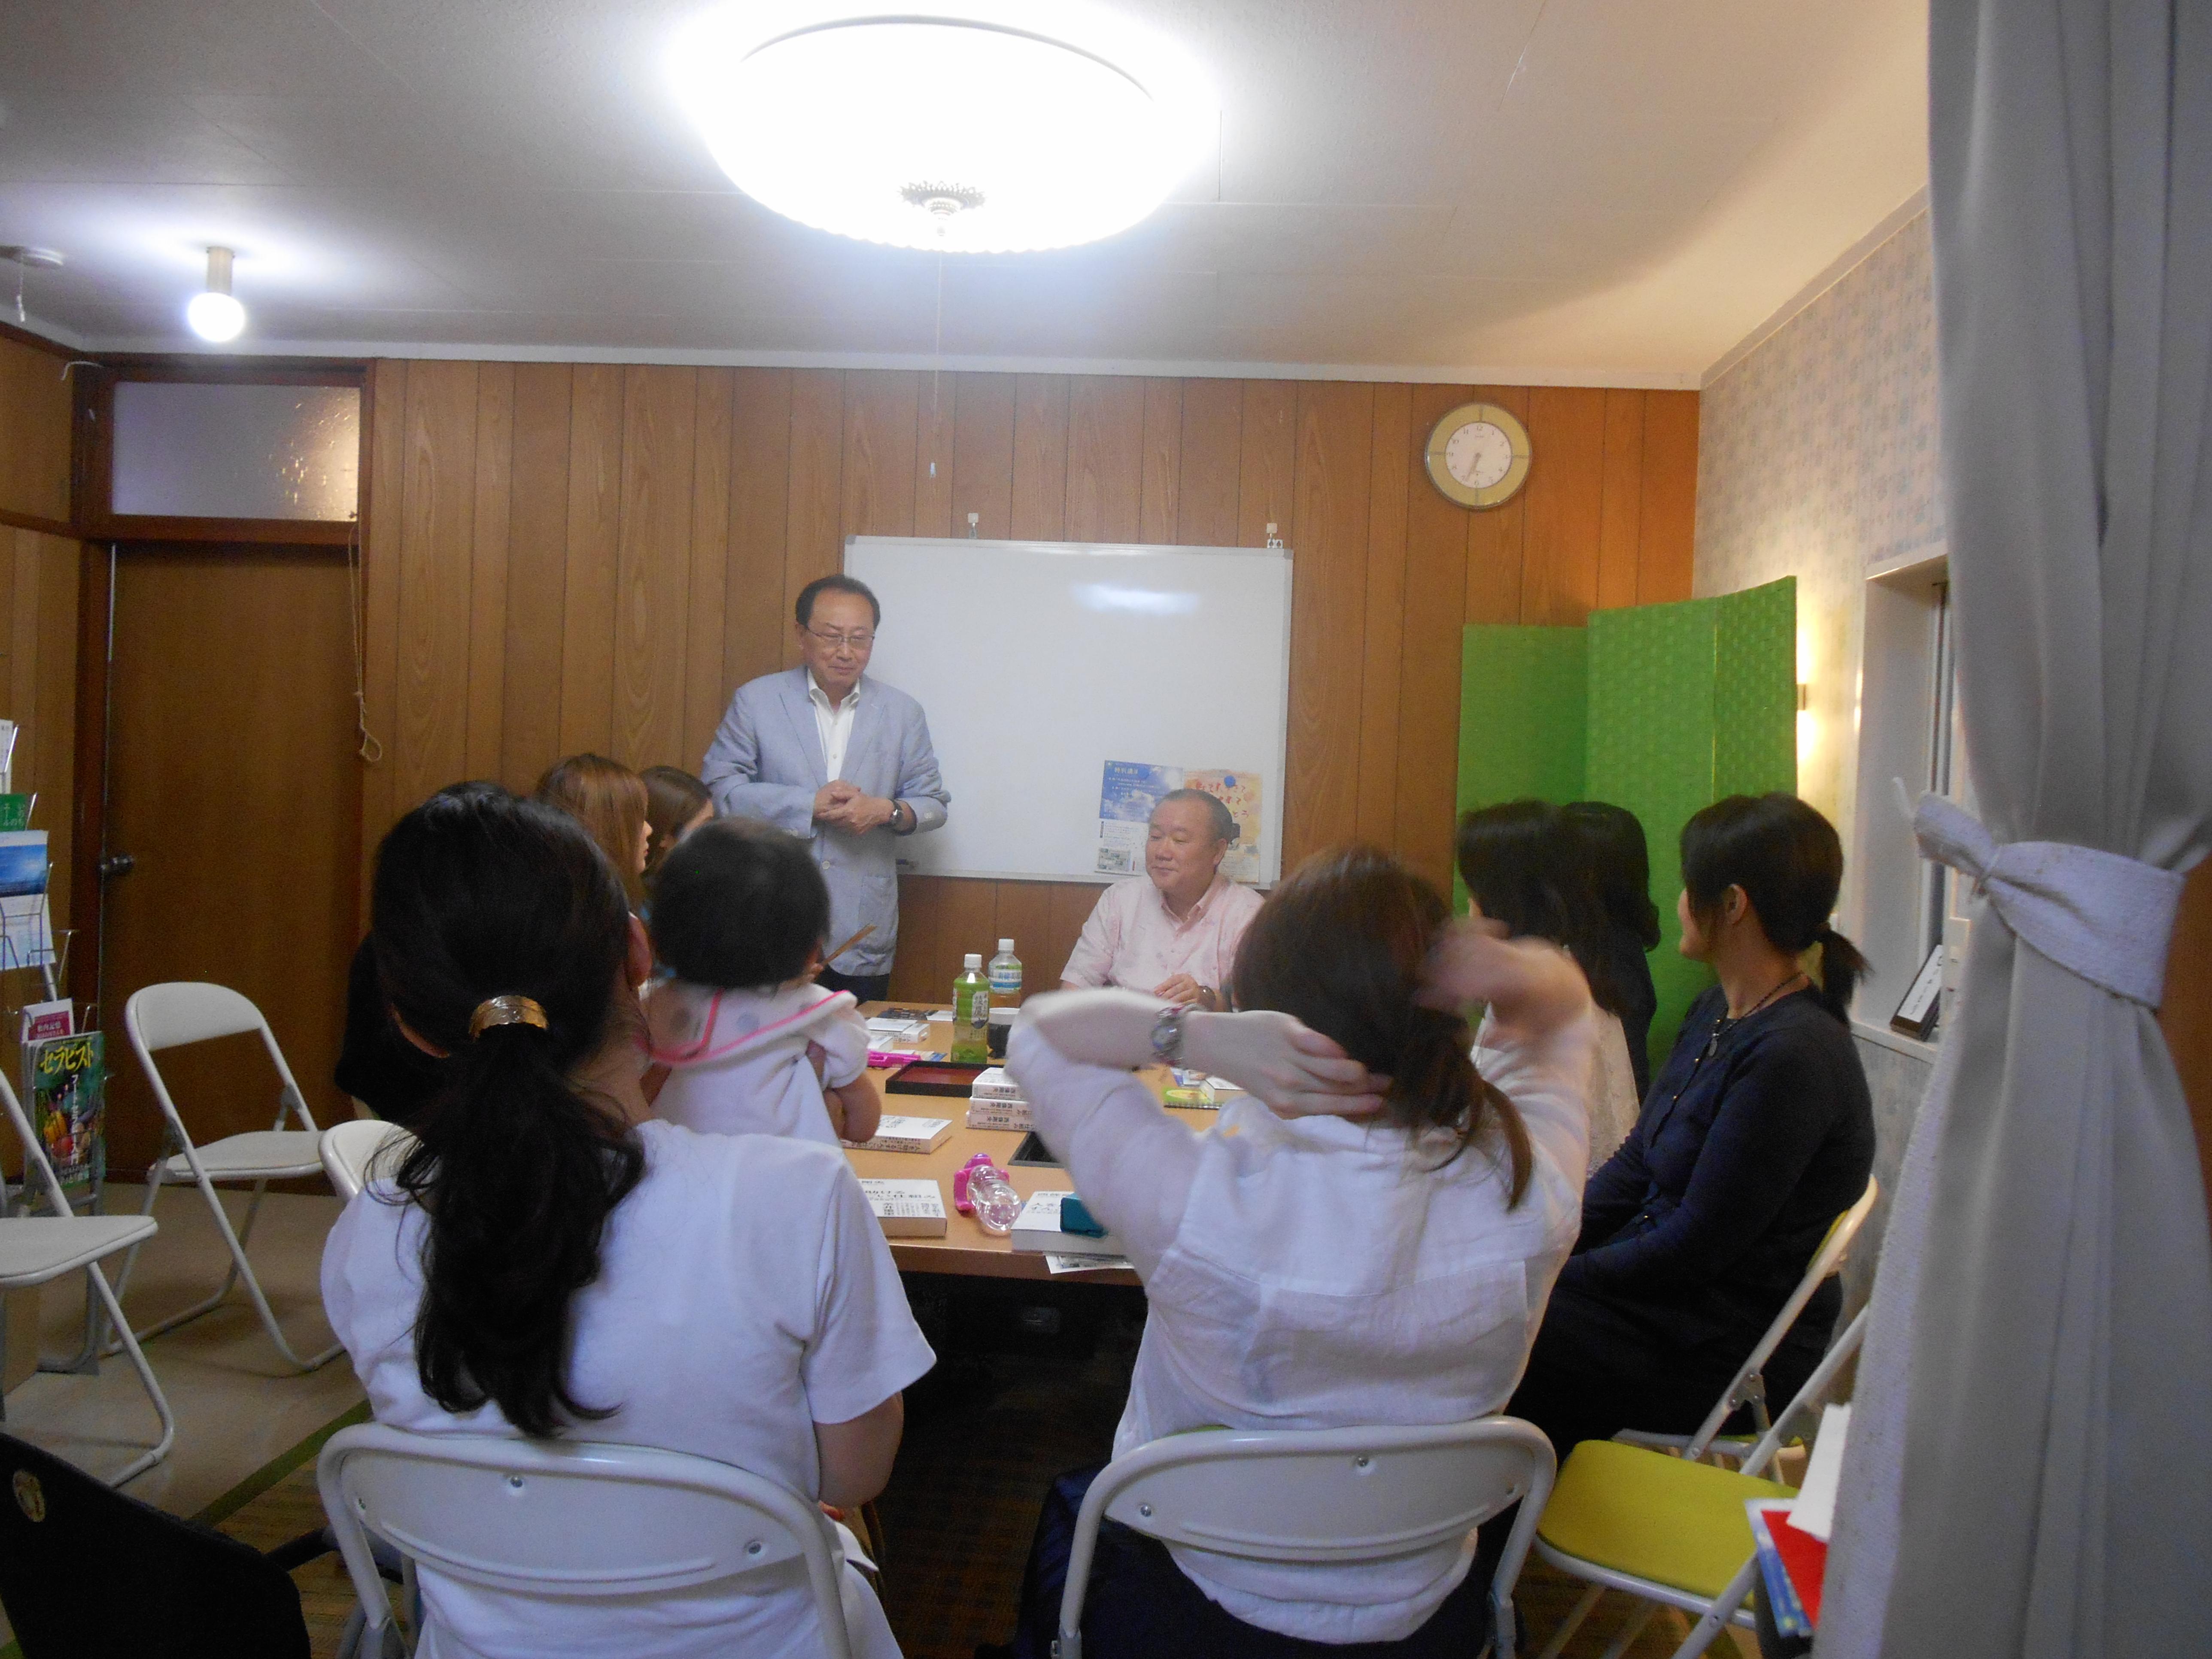 DSCN1640 - 愛の子育て塾14期第4講座